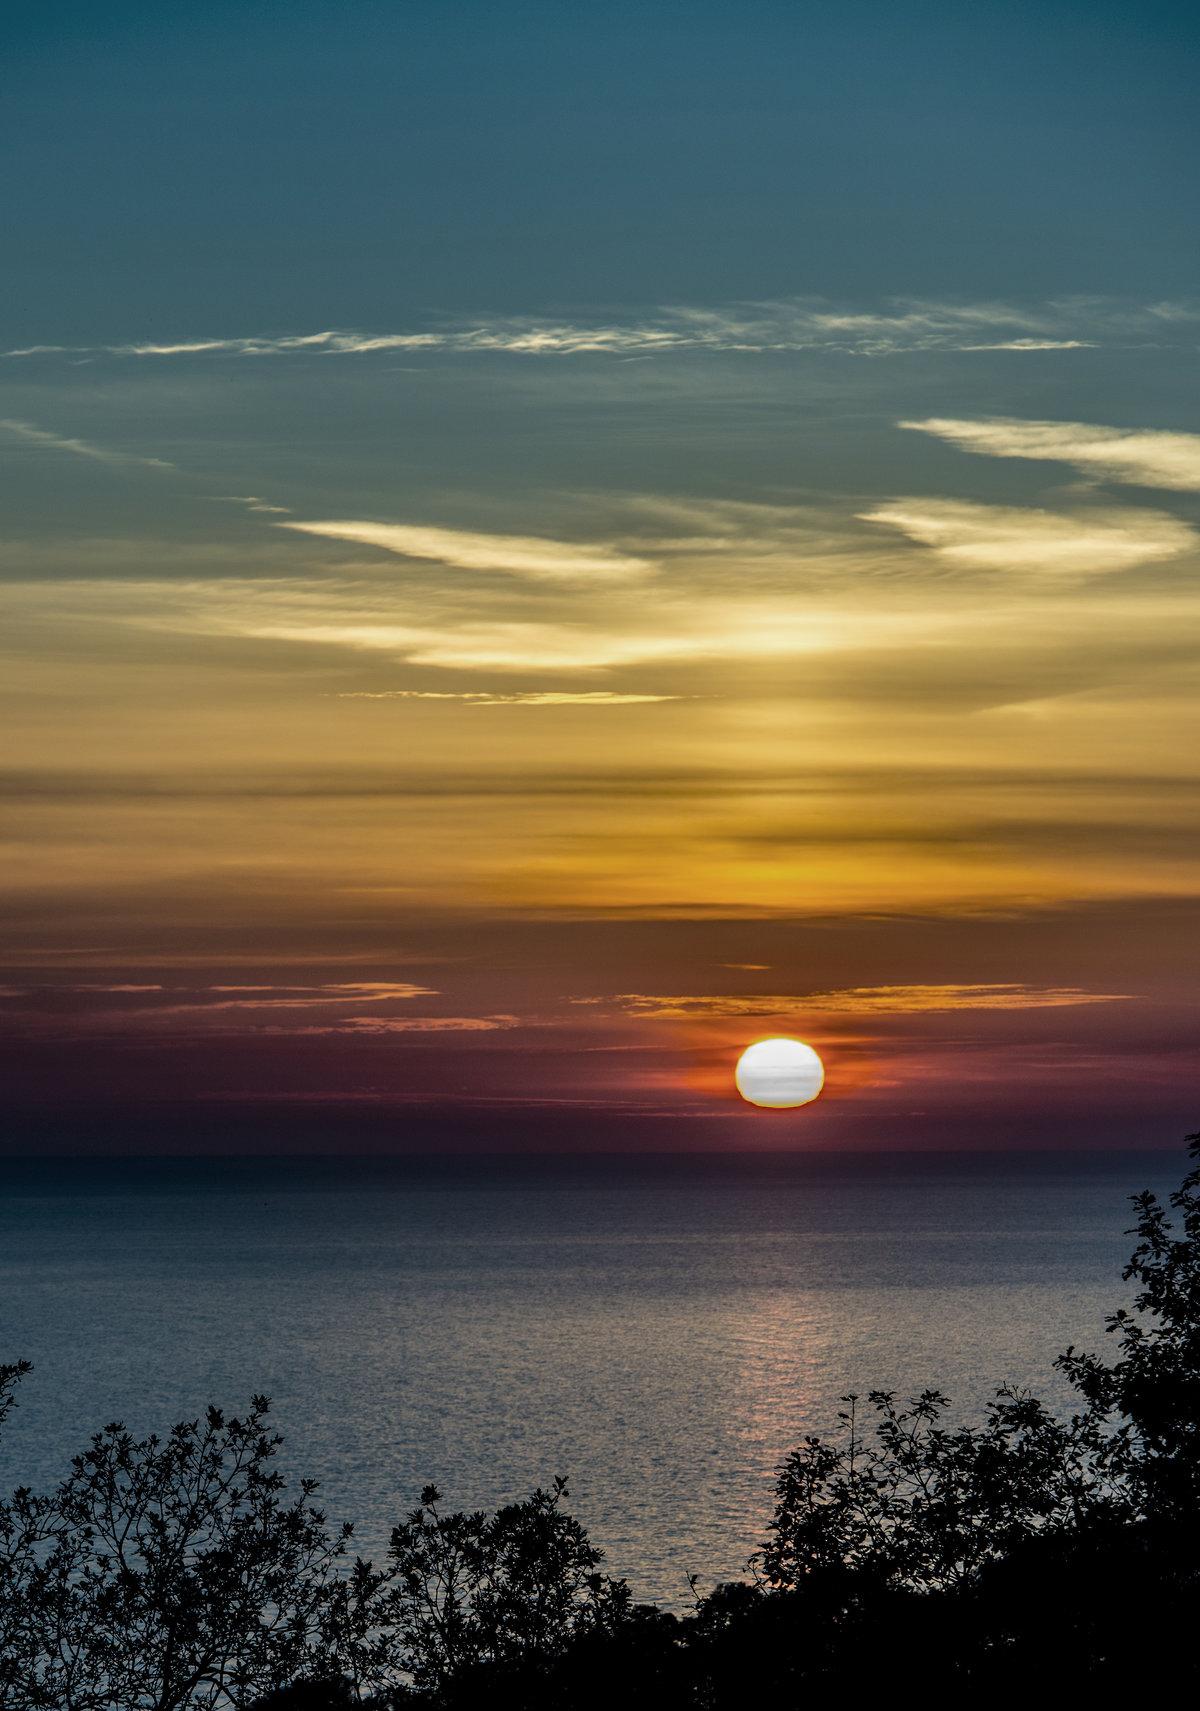 Закат солнца в картинке